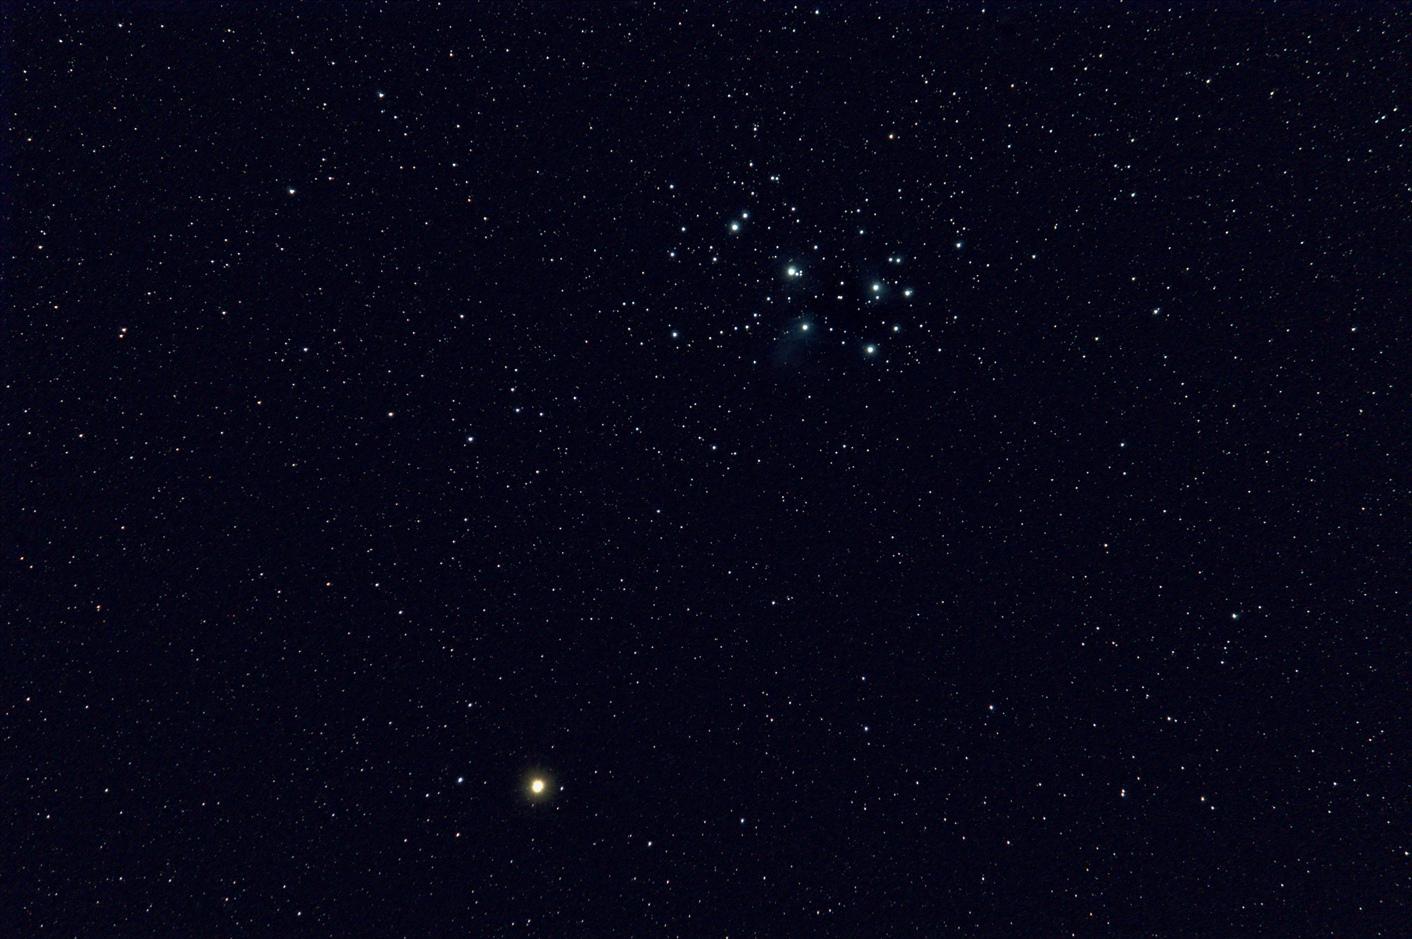 603e2aa5366a8_20210301_pleiades-mars33pc.jpg.a684fcfa6e22da666c83c3b6e91fcab5.jpg